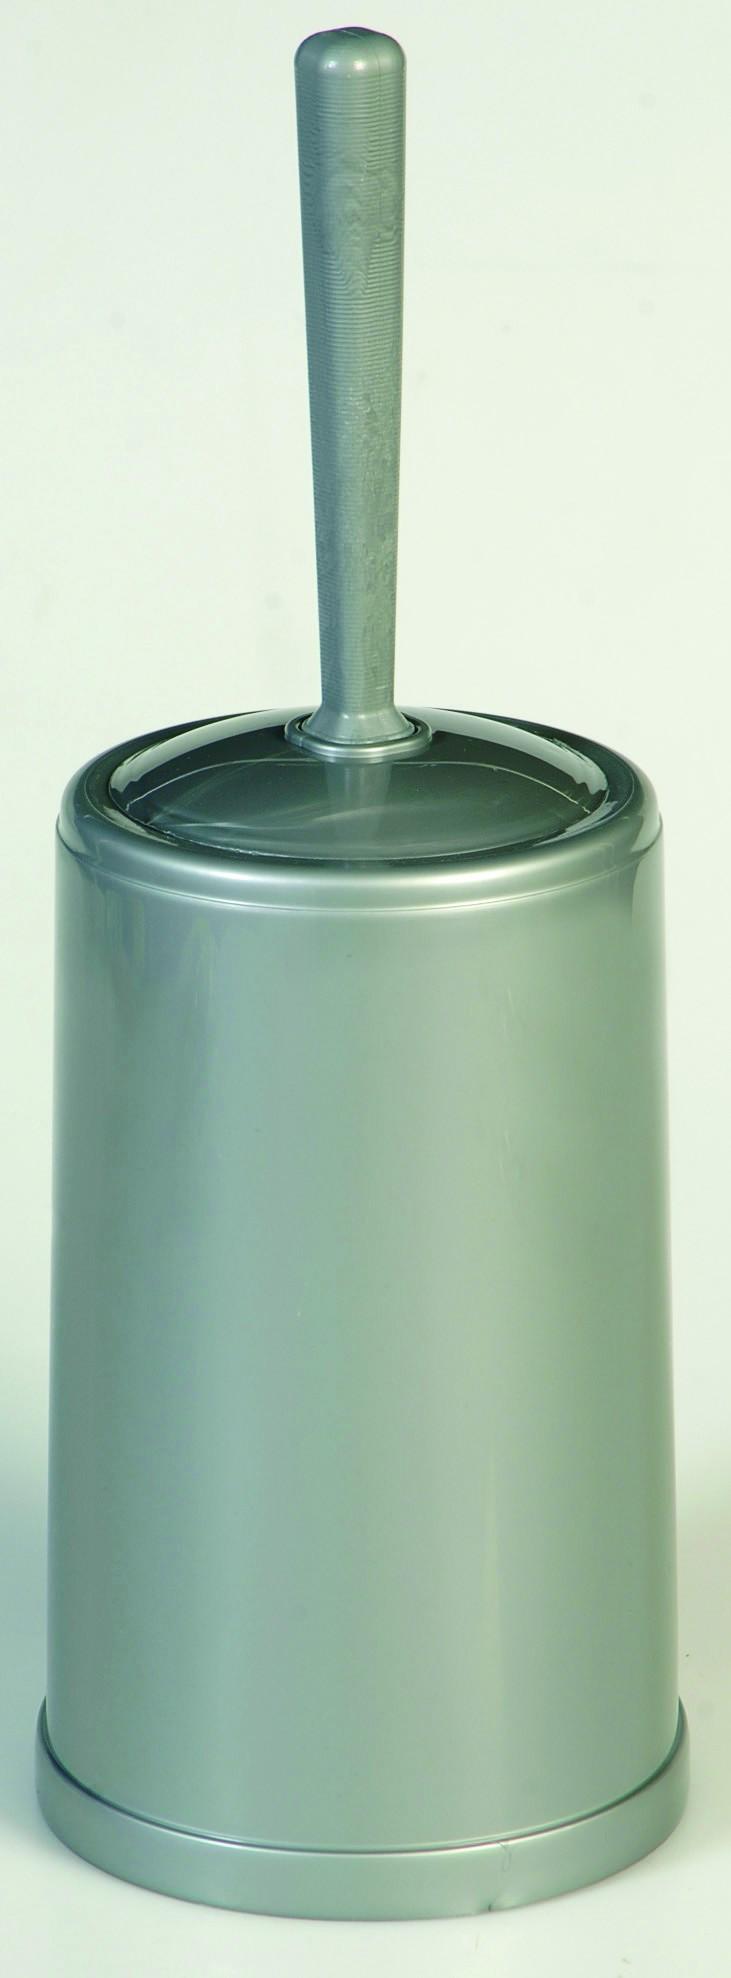 Πλαστικό Πιγκάλ τουαλέτας στρογγυλό Νο.220